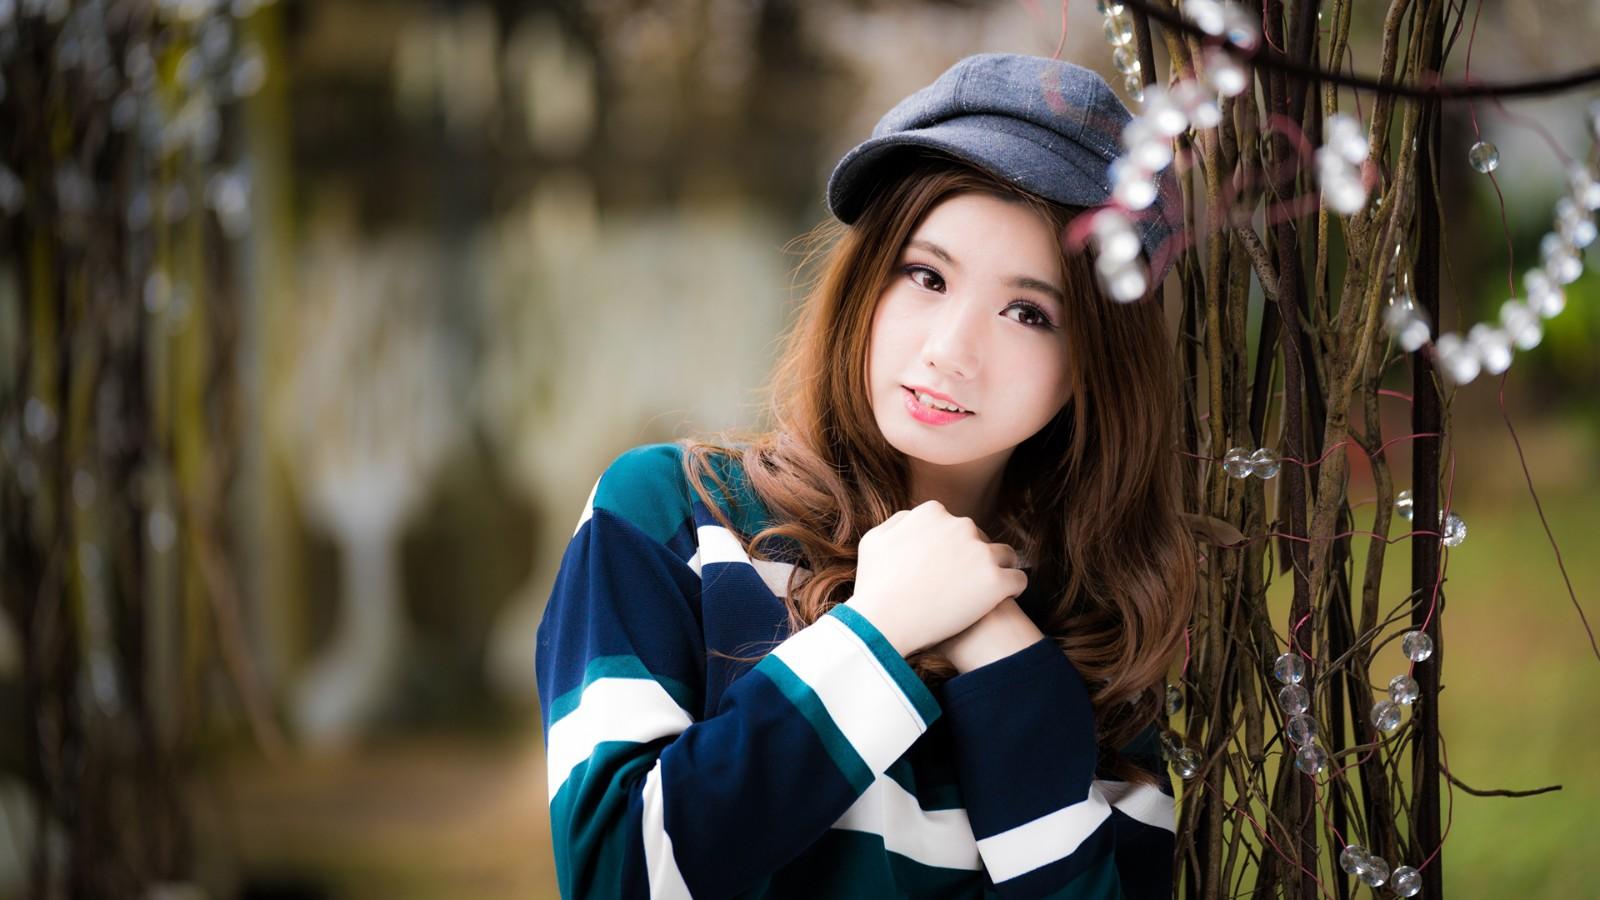 长头发清纯女孩,帽子,美女壁纸